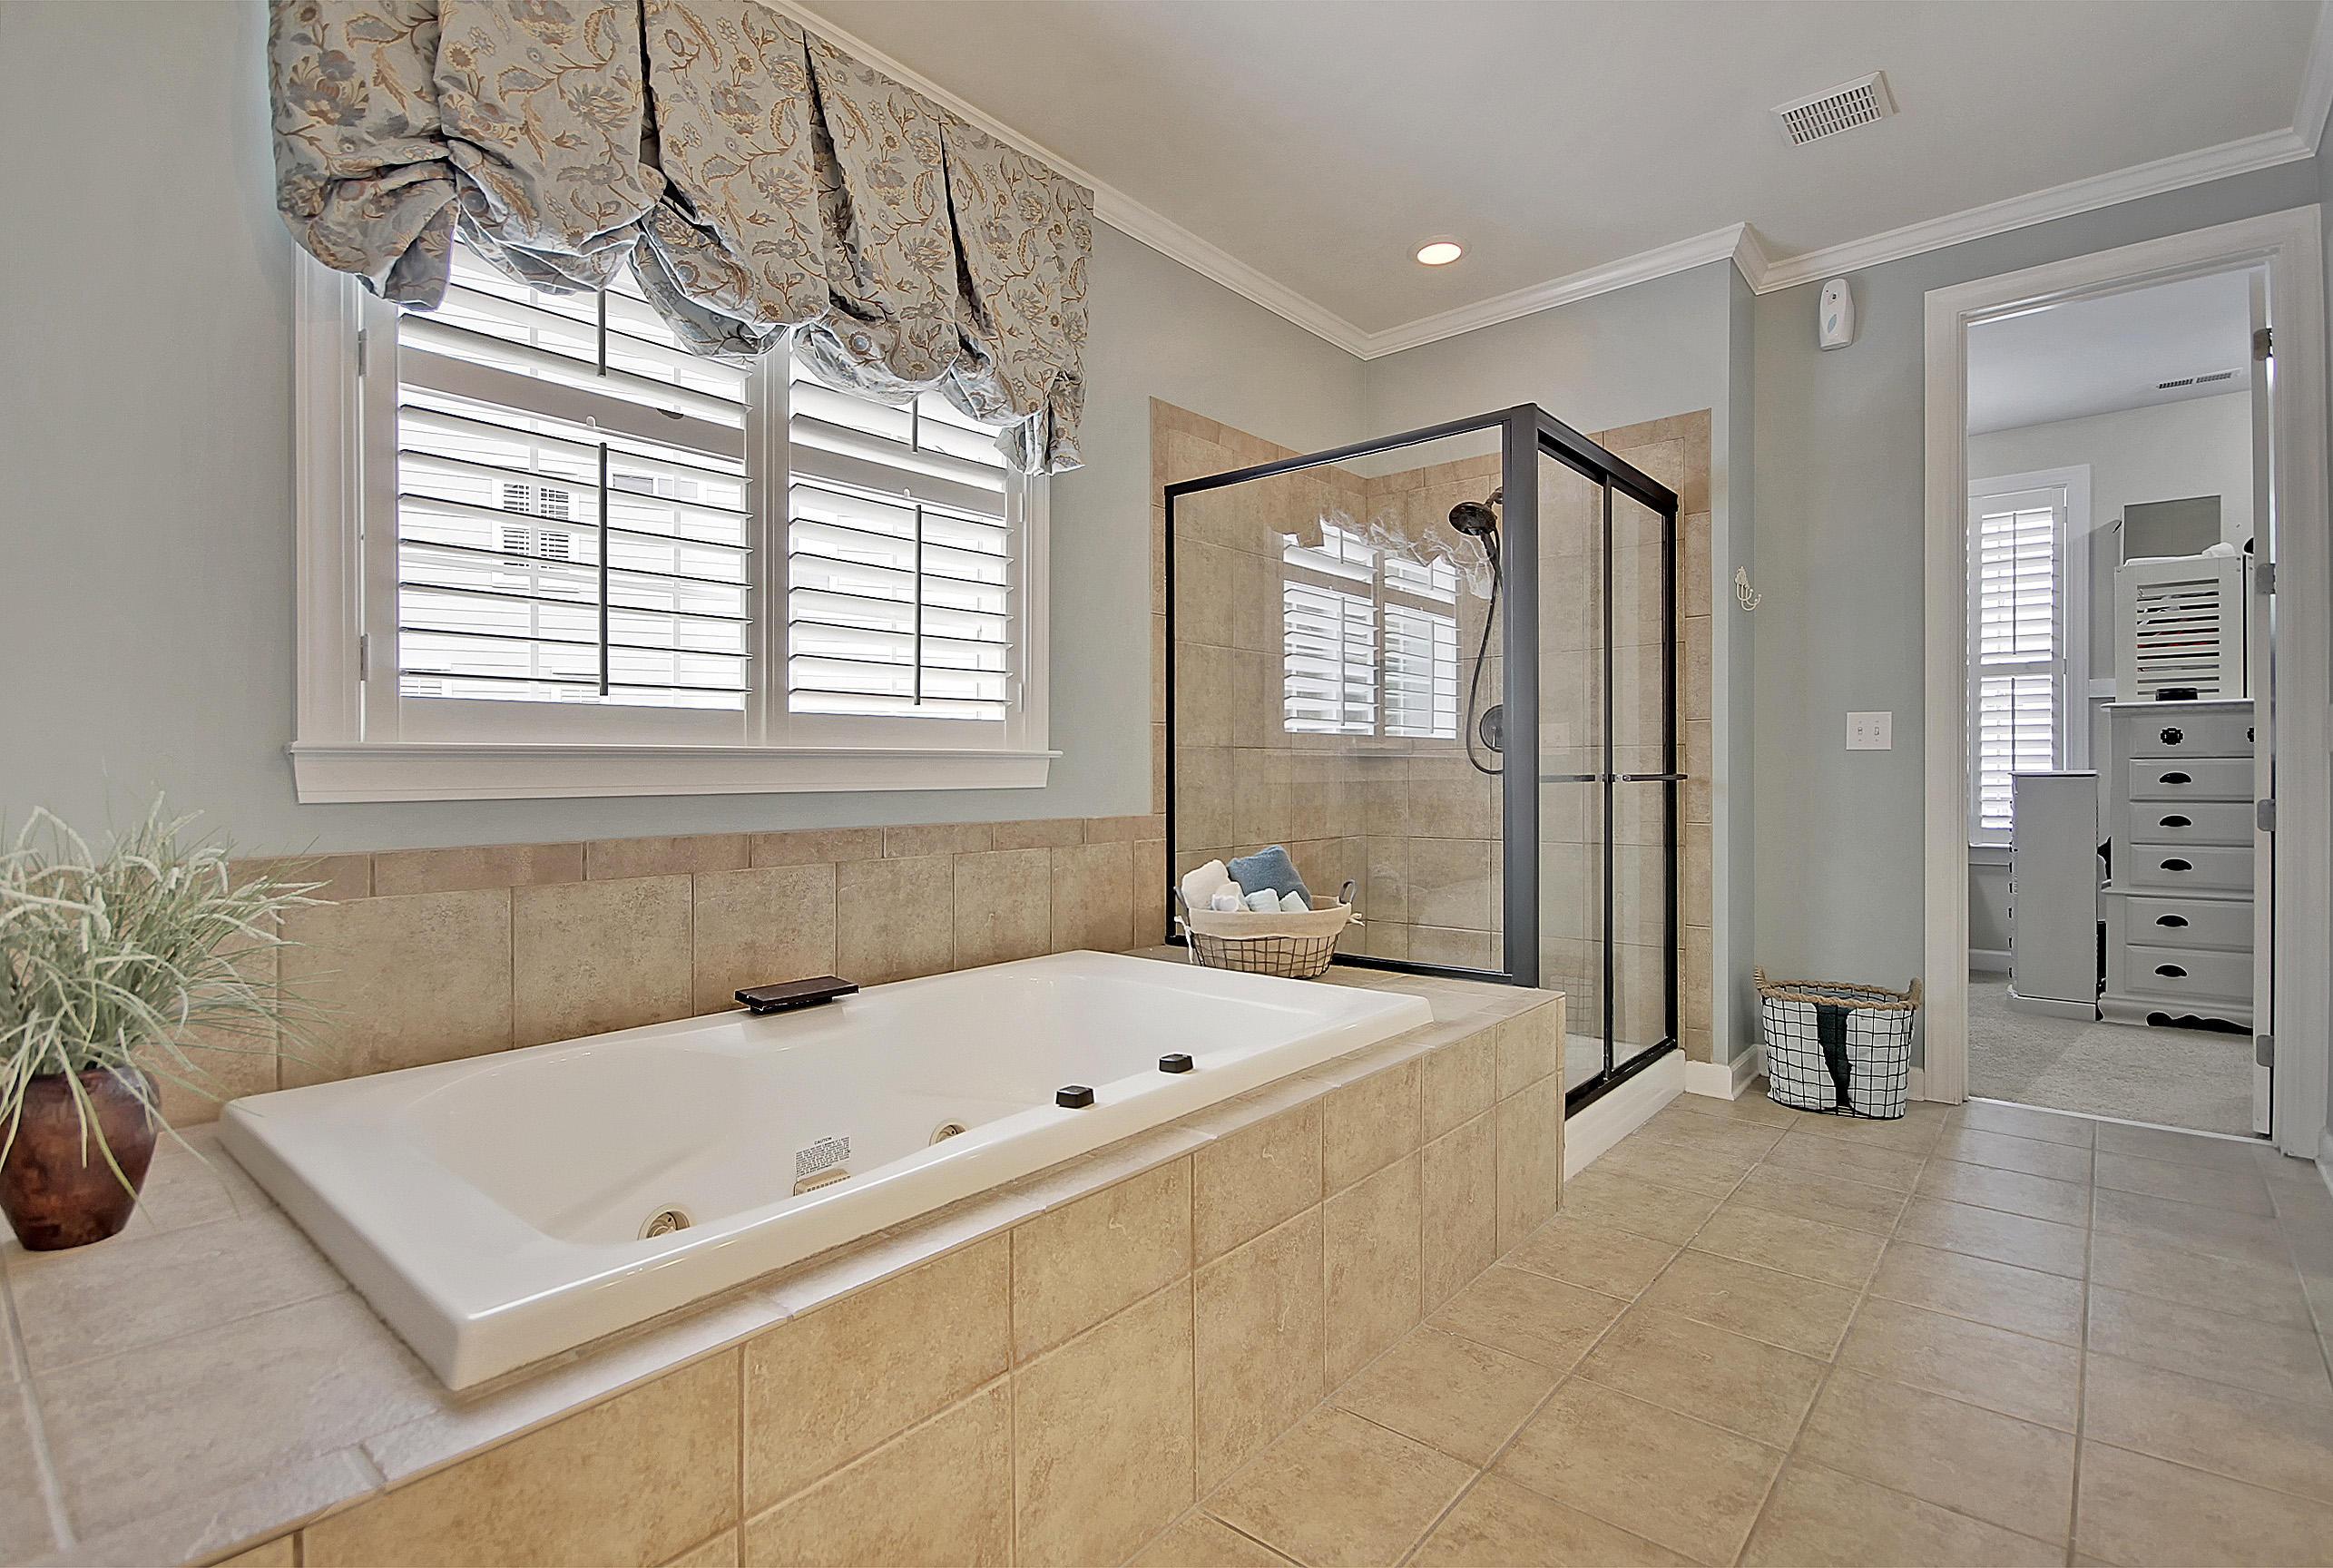 Dunes West Homes For Sale - 3056 Riverwood, Mount Pleasant, SC - 28